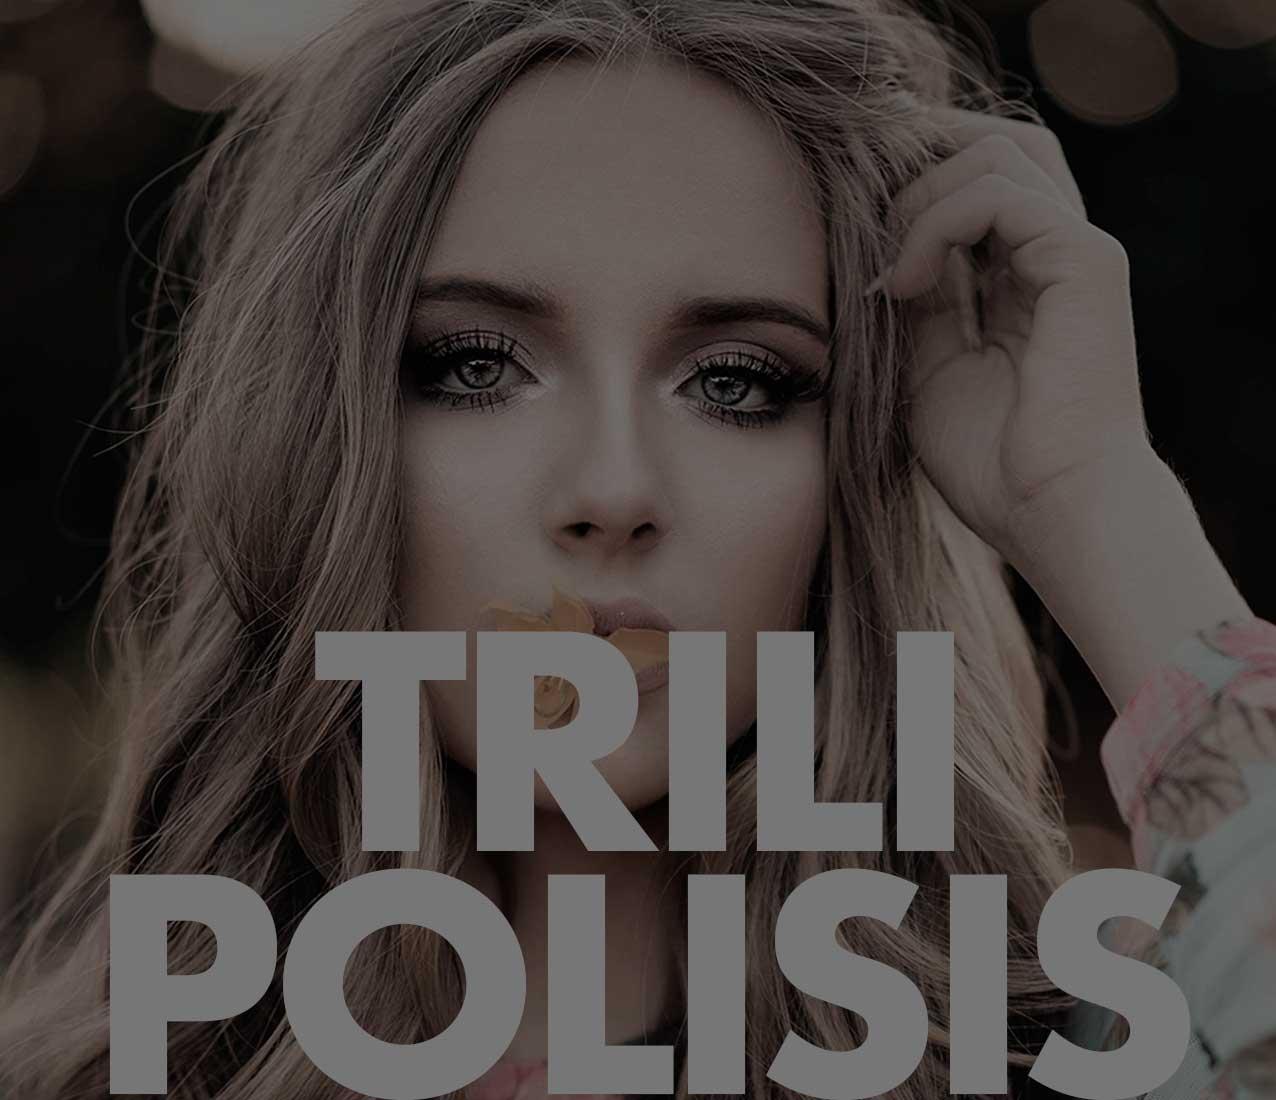 tratamiento trilipólisis 5d para la celulitis